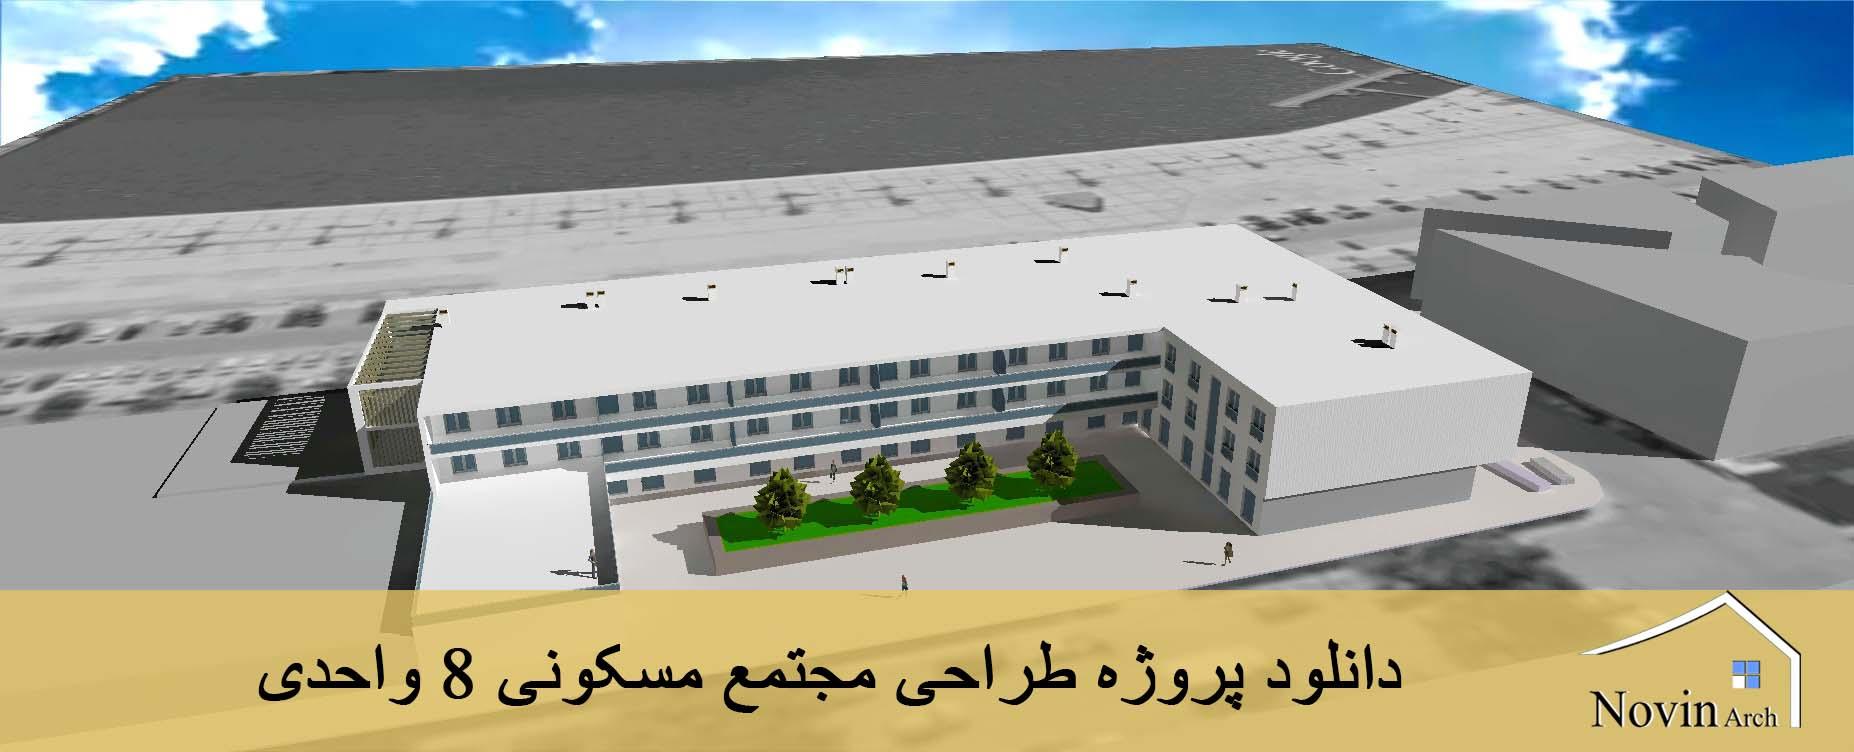 دانلود پروژه طراحی مجتمع مسکونی 8 واحدی